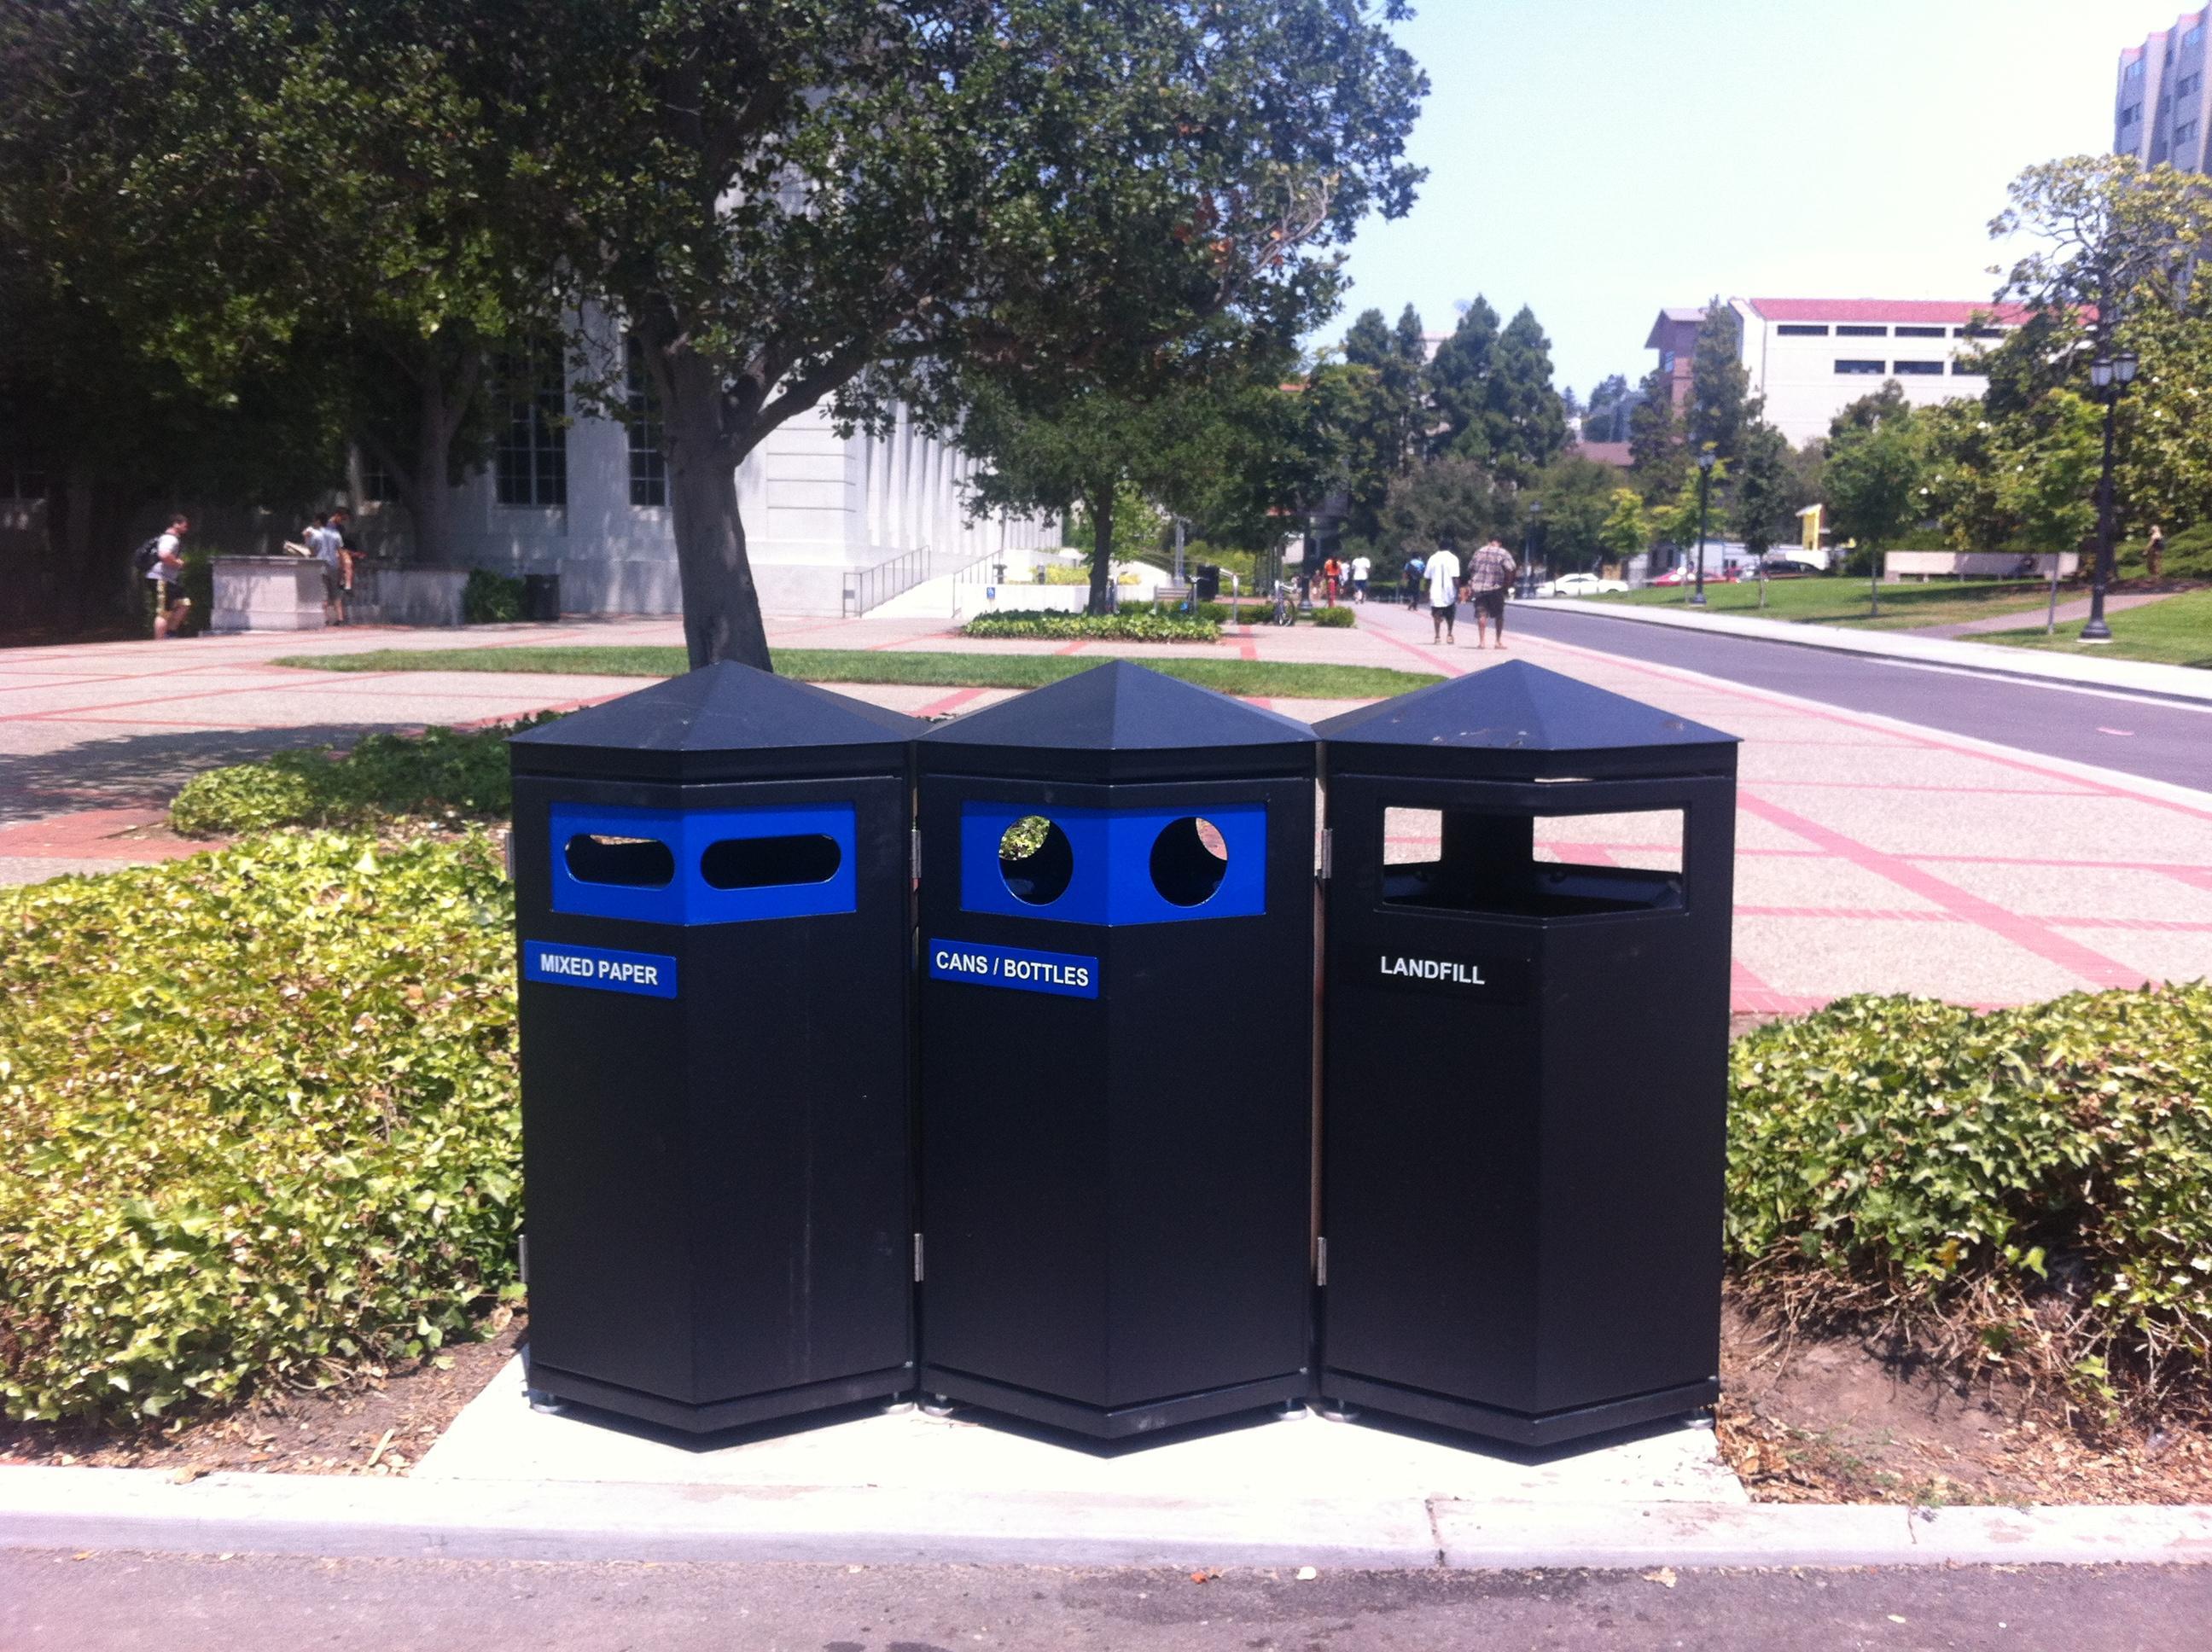 3 trash bins